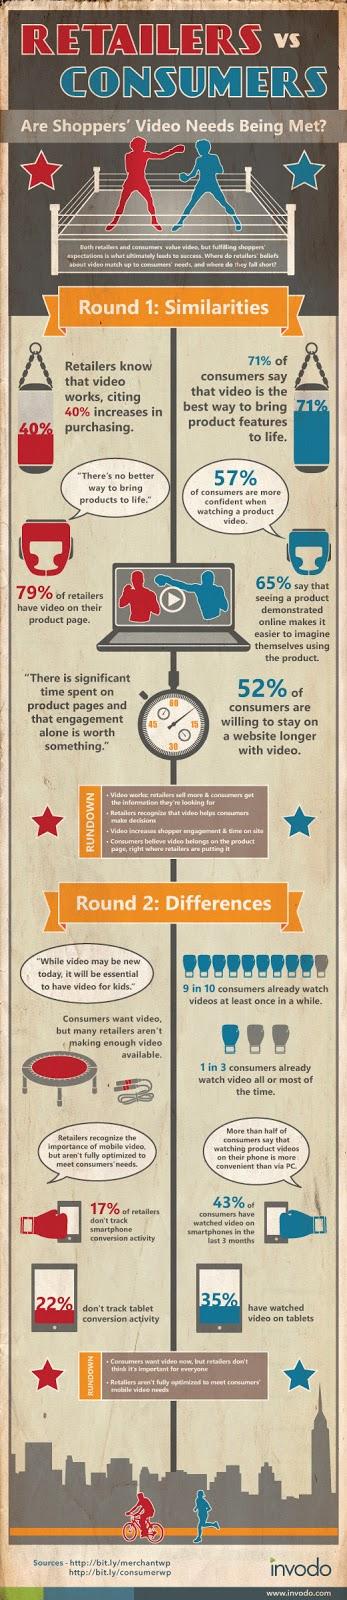 Tüketiciler Ürün Videolarından Ne Bekler? Tüketiciler Ürün Videolarından Ne Bekler? product video infographic